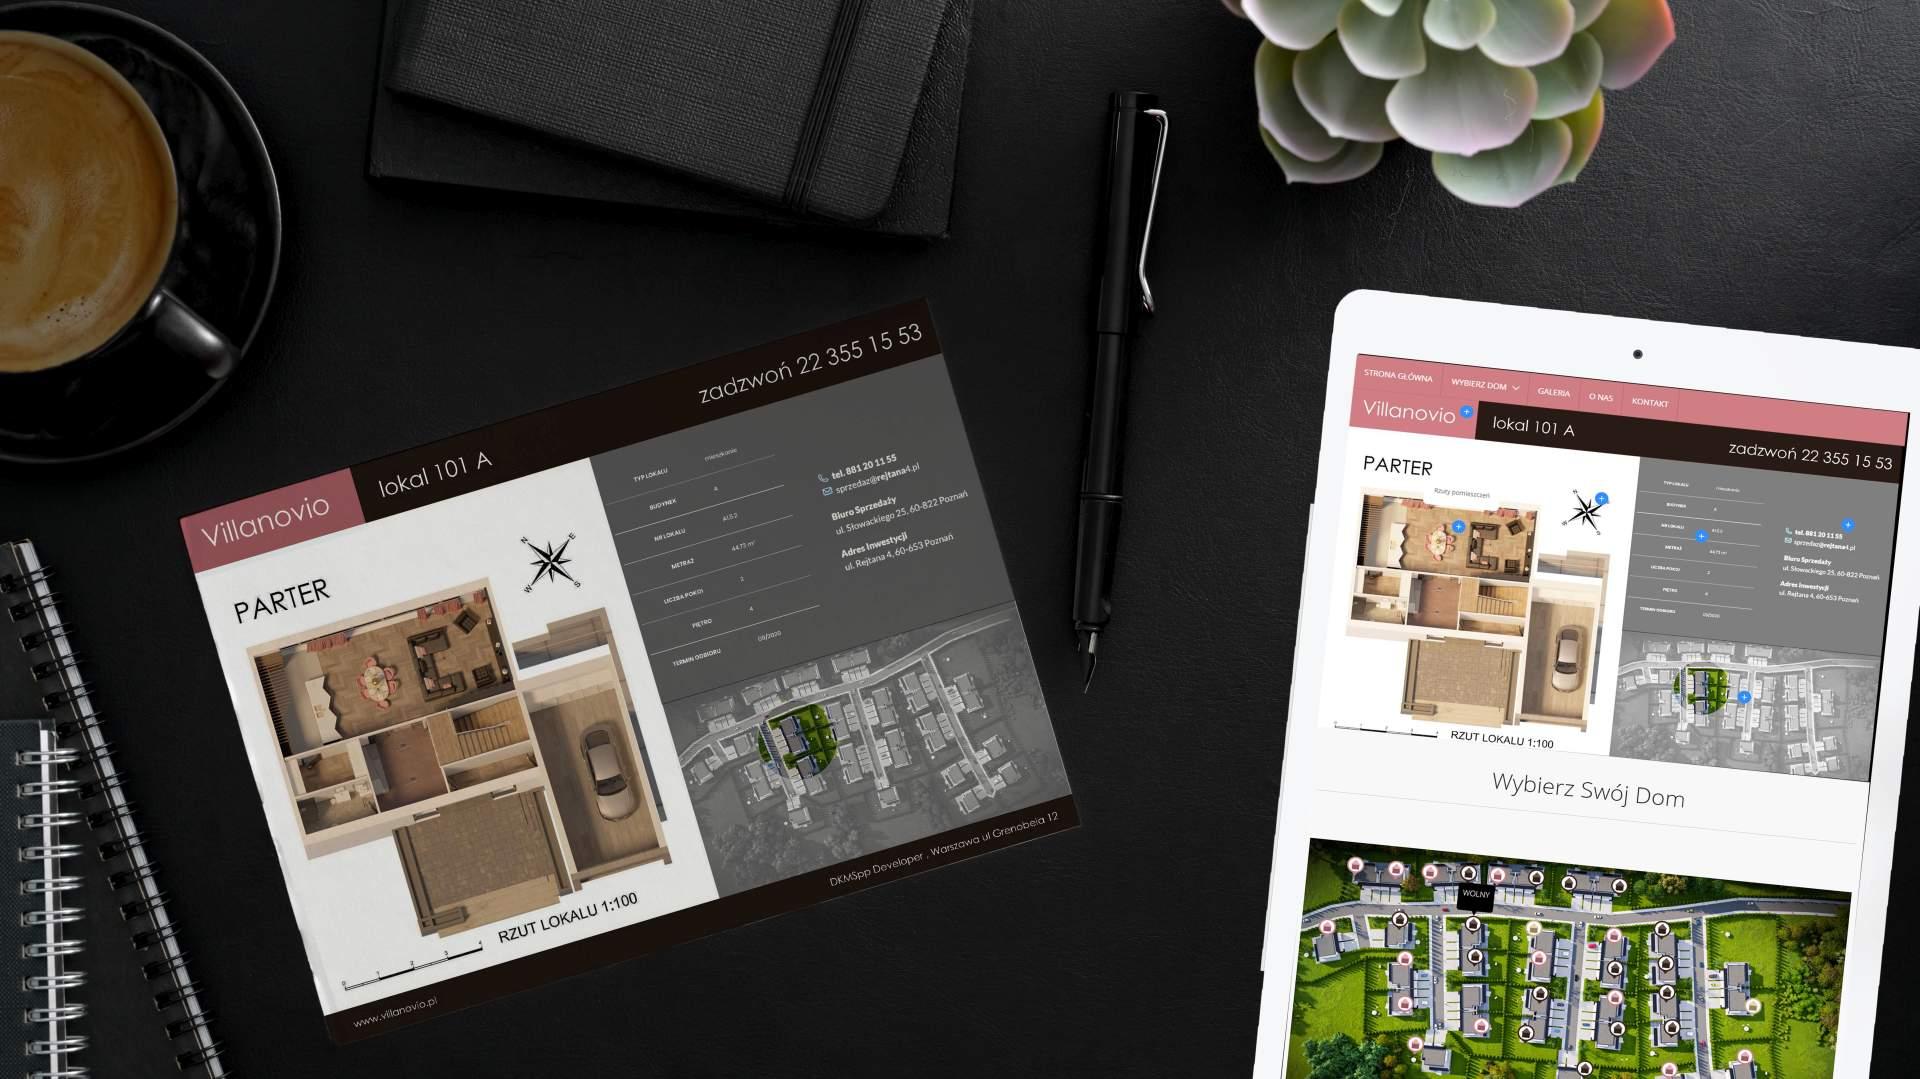 rooven materuiały reklamowe inwestycji budowlanej